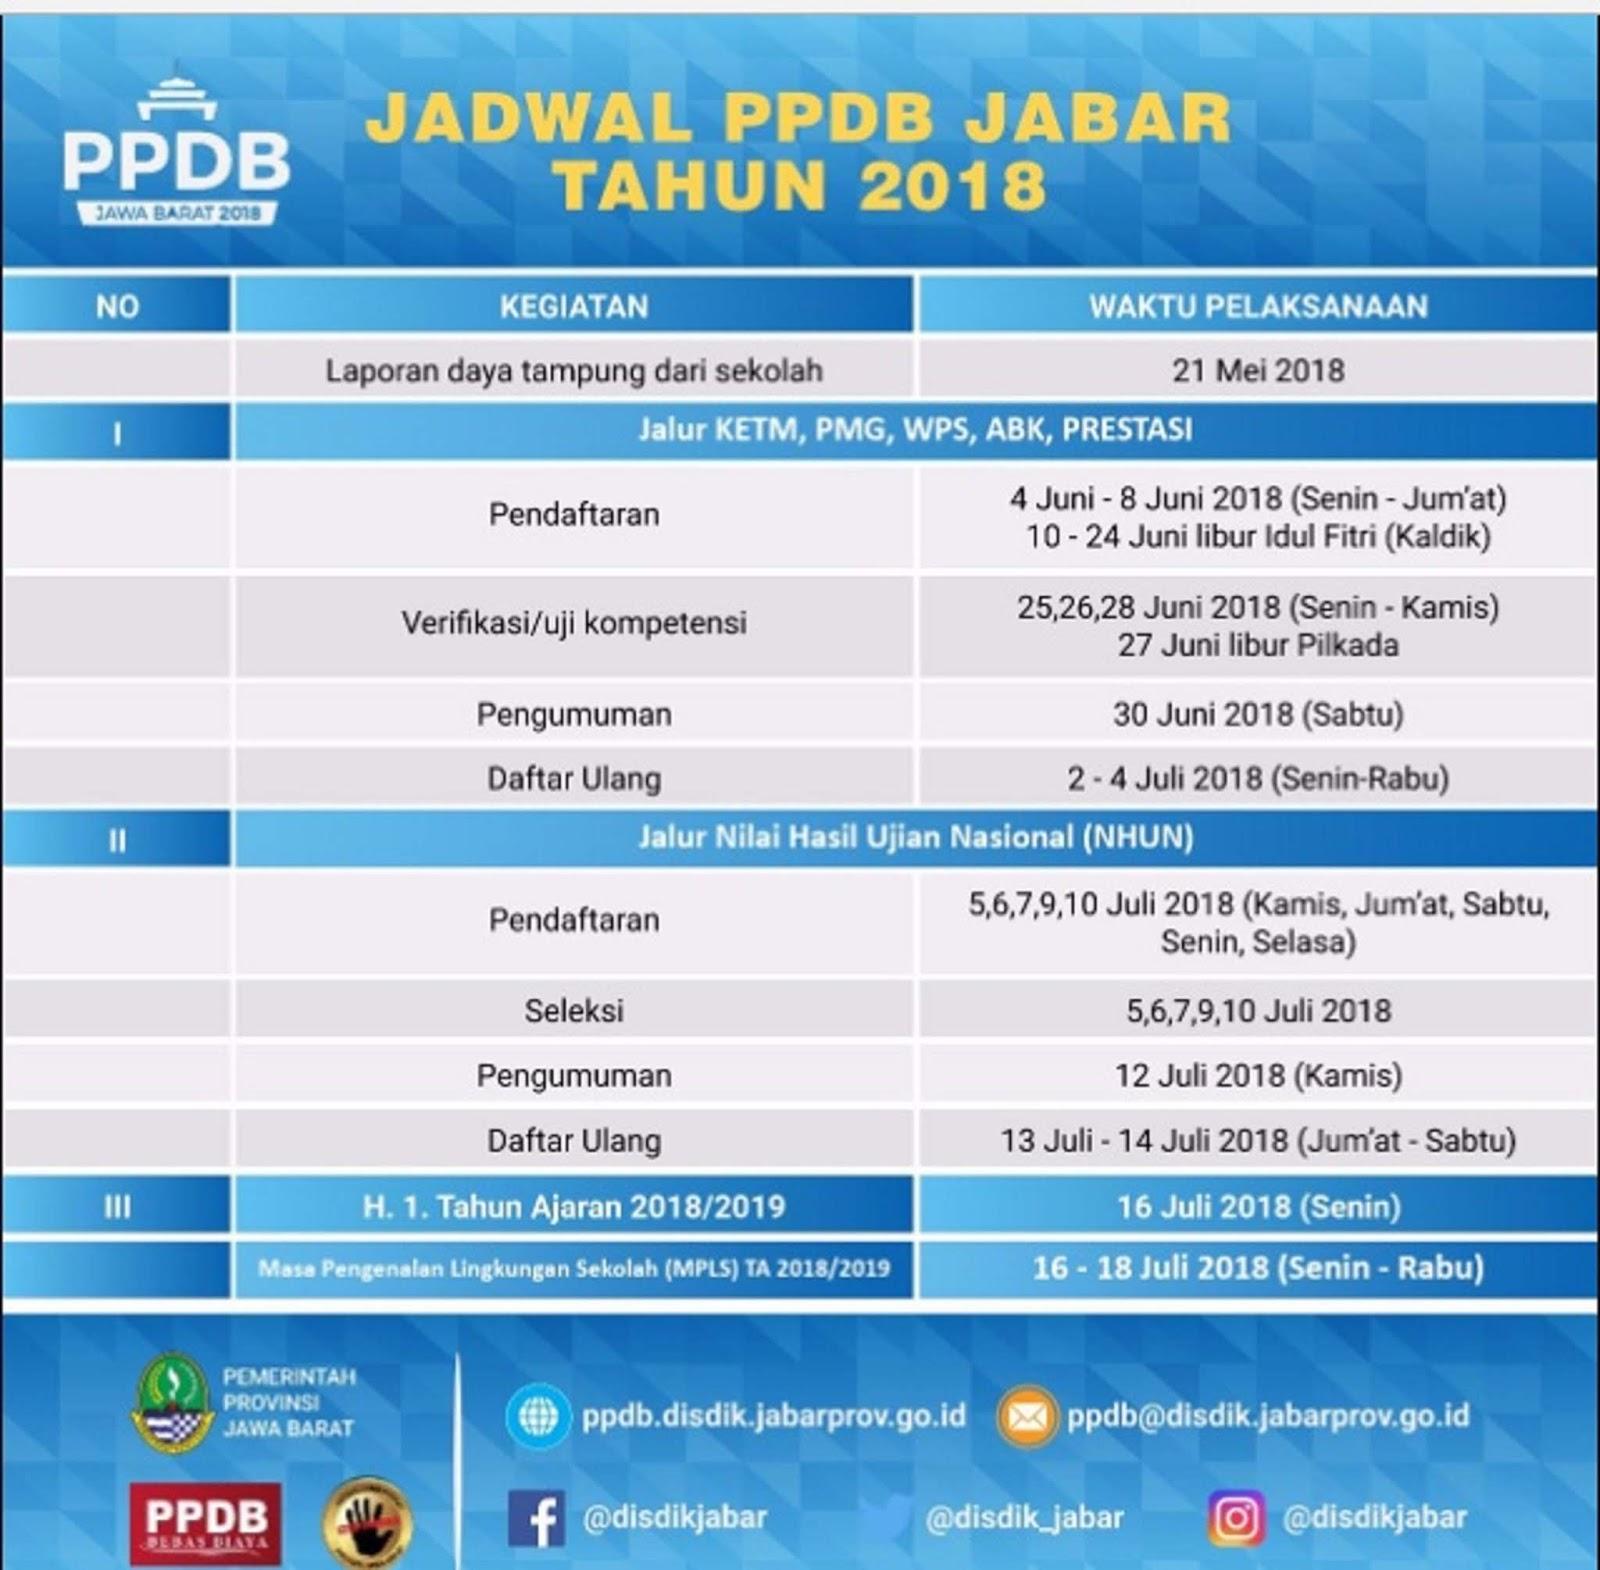 Lihat Web Ppdb Disdik Jabarprov Go Id